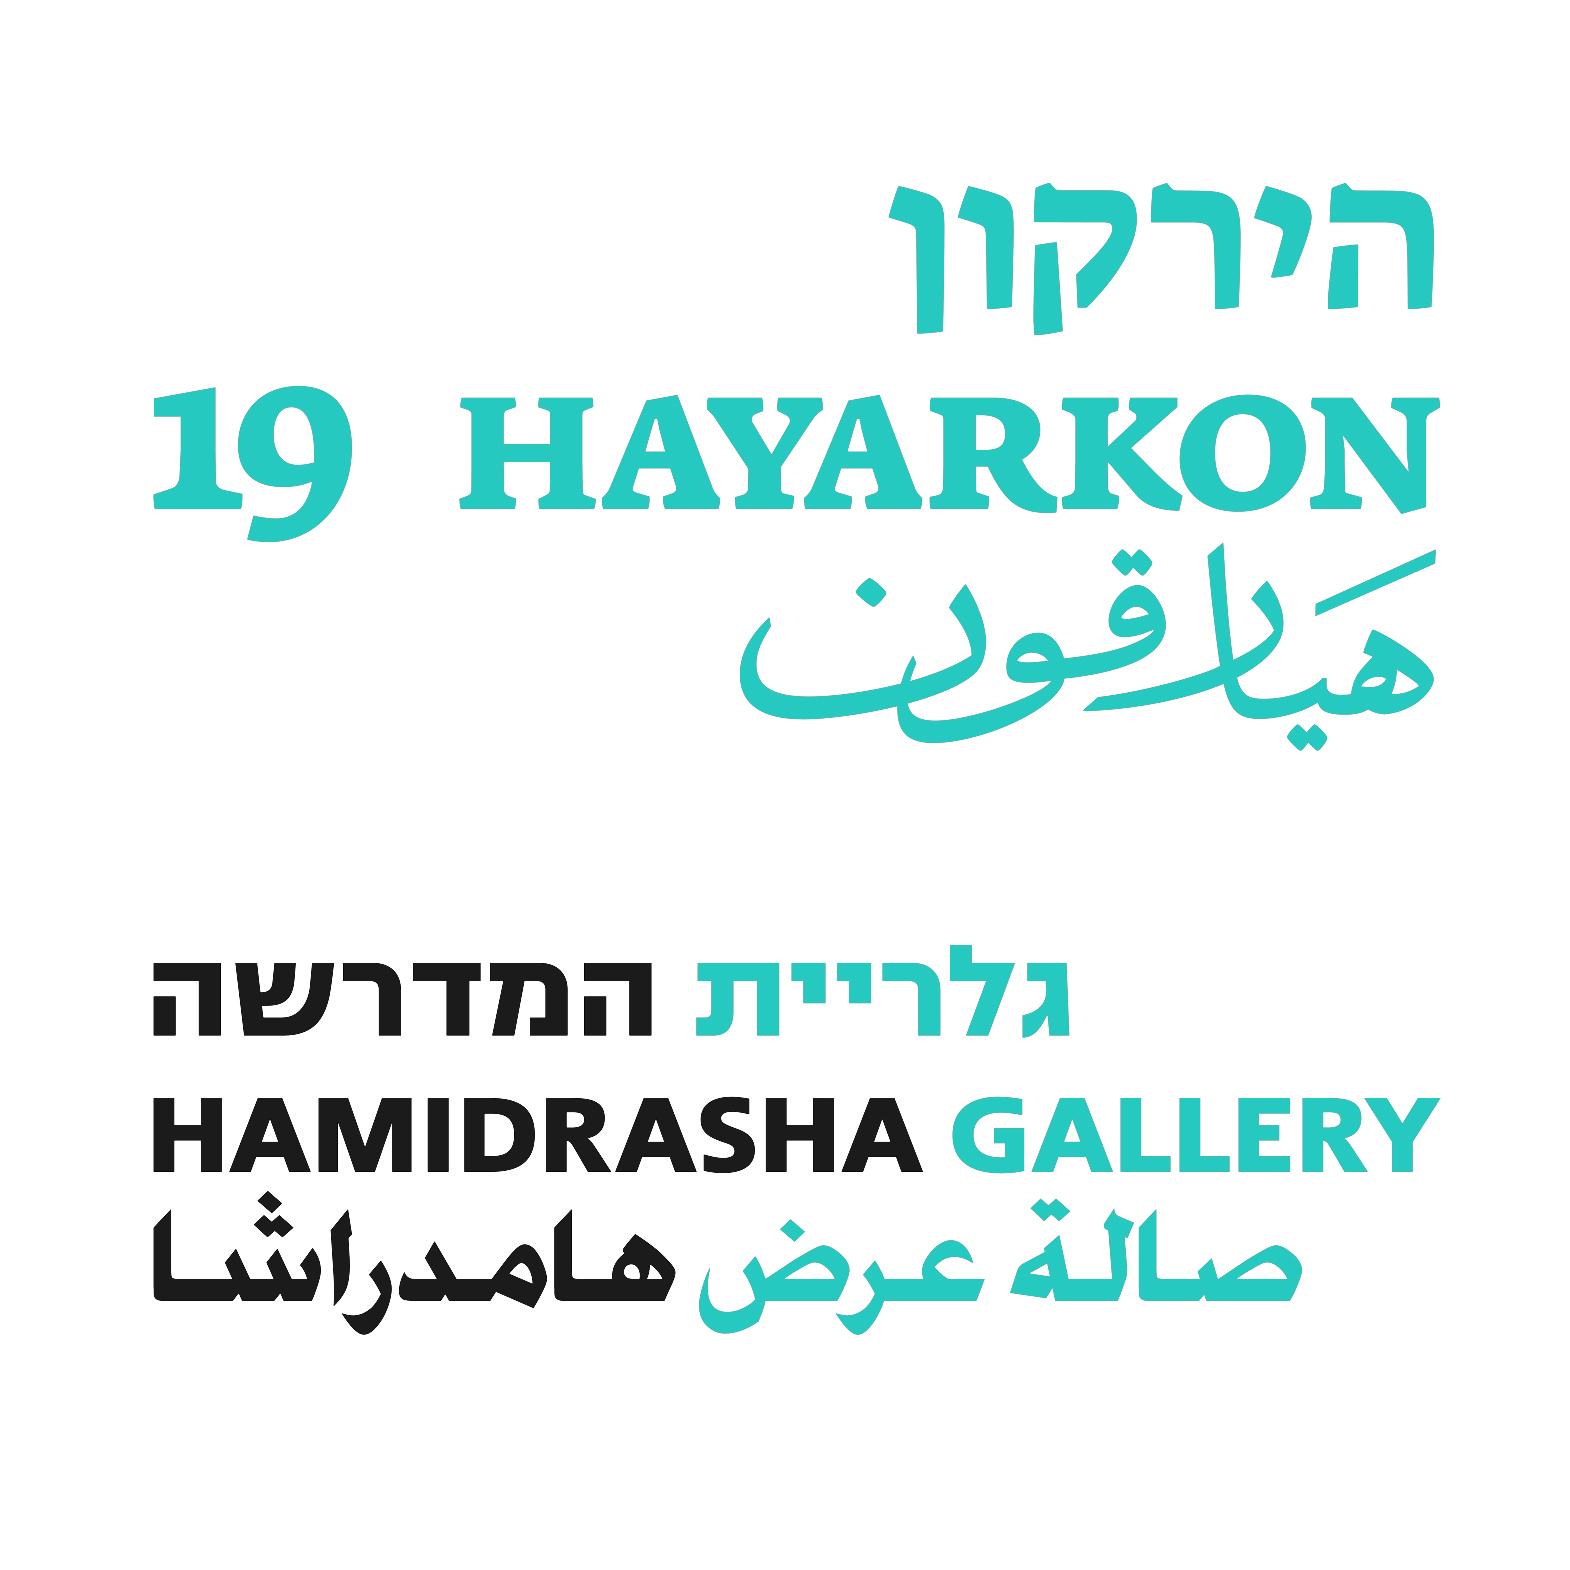 Hayarkon_sign_logo